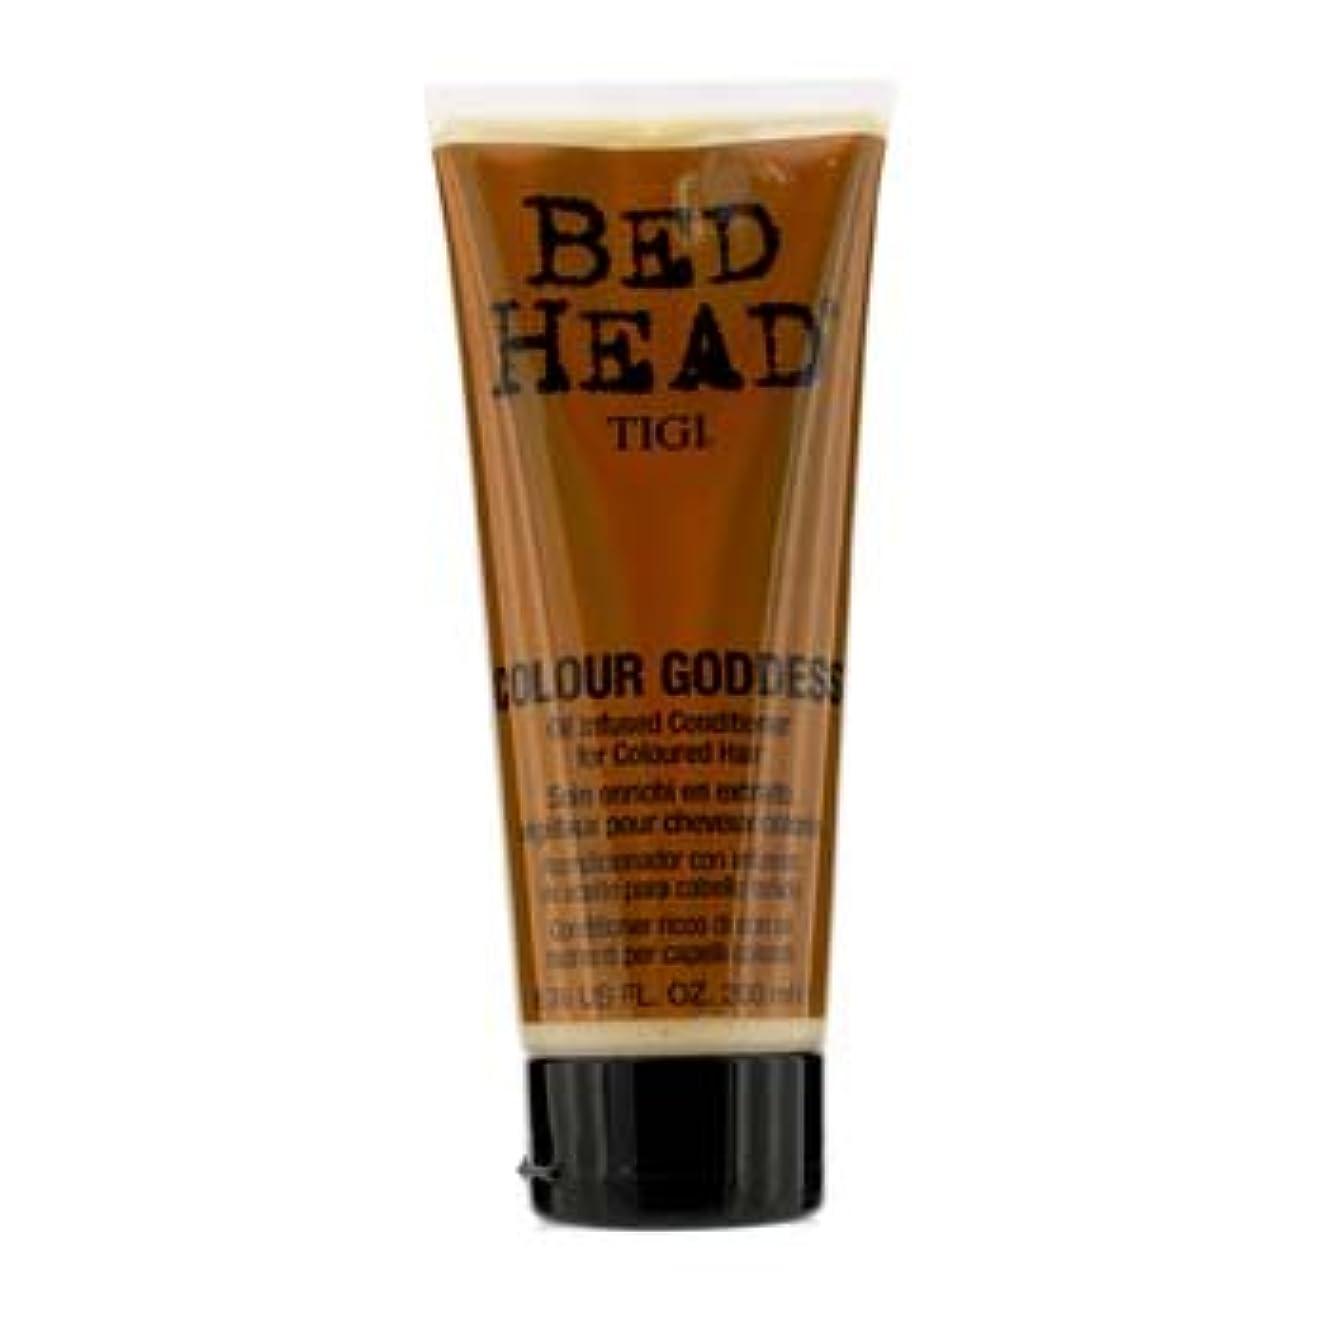 騒ぎ酔う使用法[Tigi] Bed Head Colour Goddess Oil Infused Conditioner (For Coloured Hair) 200ml/6.76oz